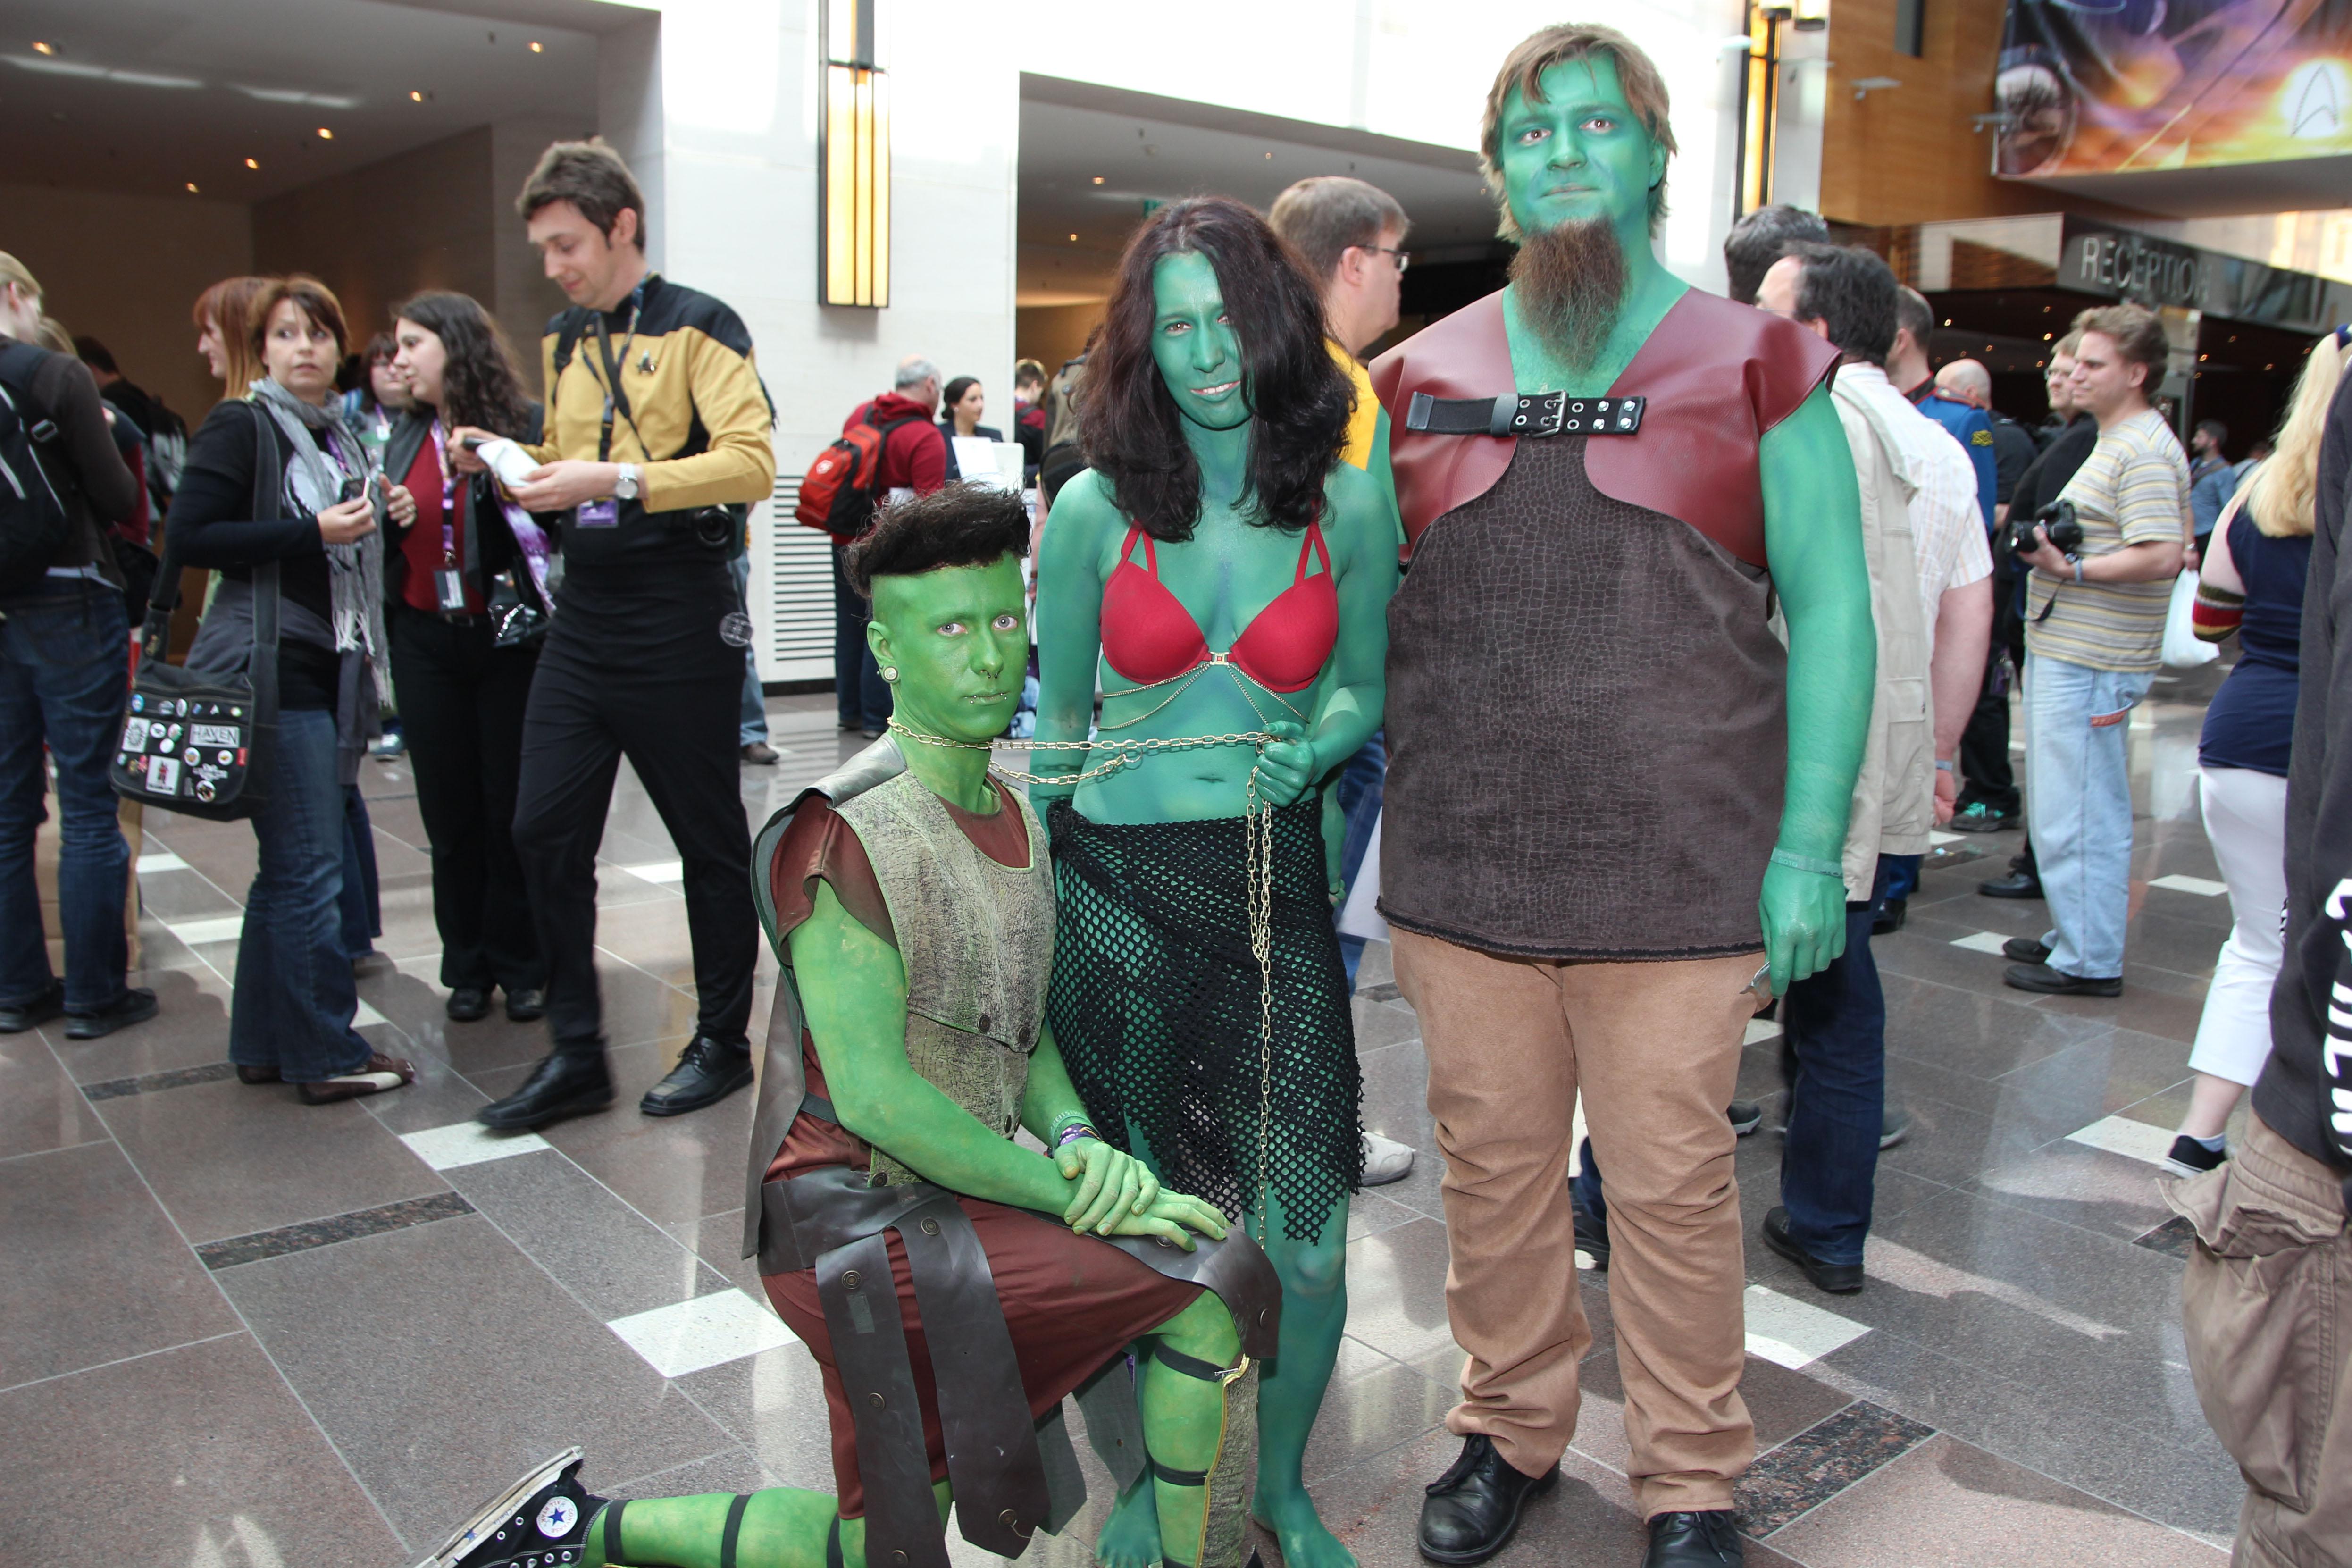 Manch einer leidet vielleicht unter seiner Kostümwahl, (Foto: xity)